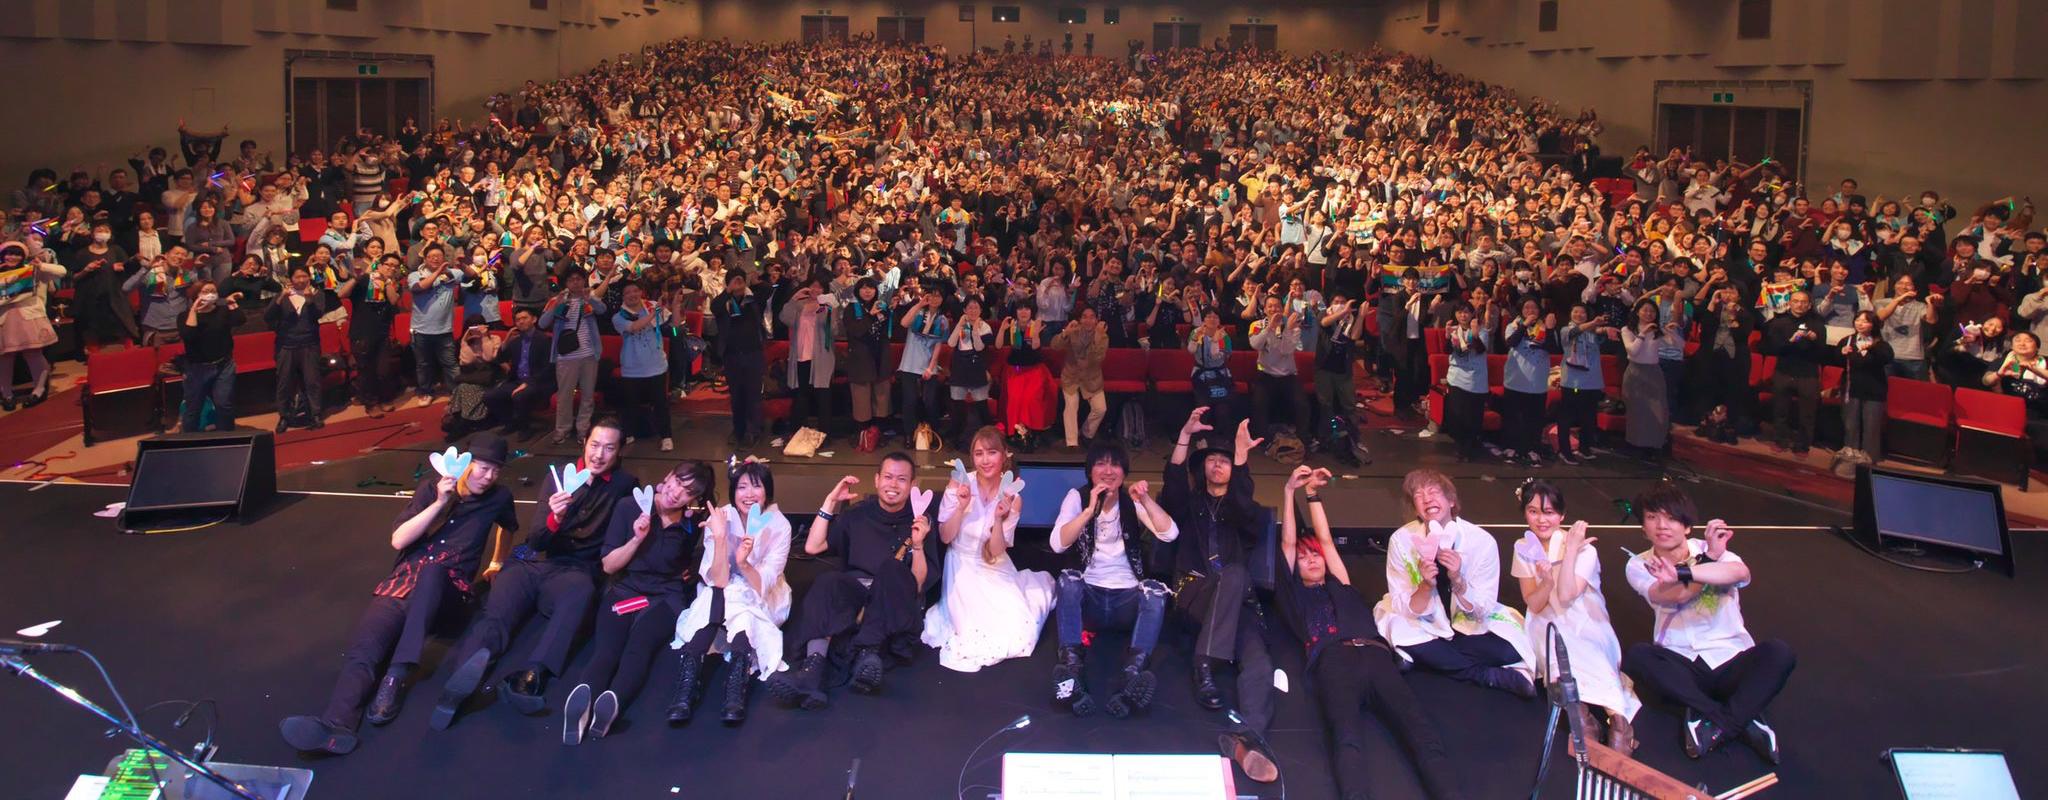 CHRONO CROSS LIVE in Nakano Sunplaza 一日目